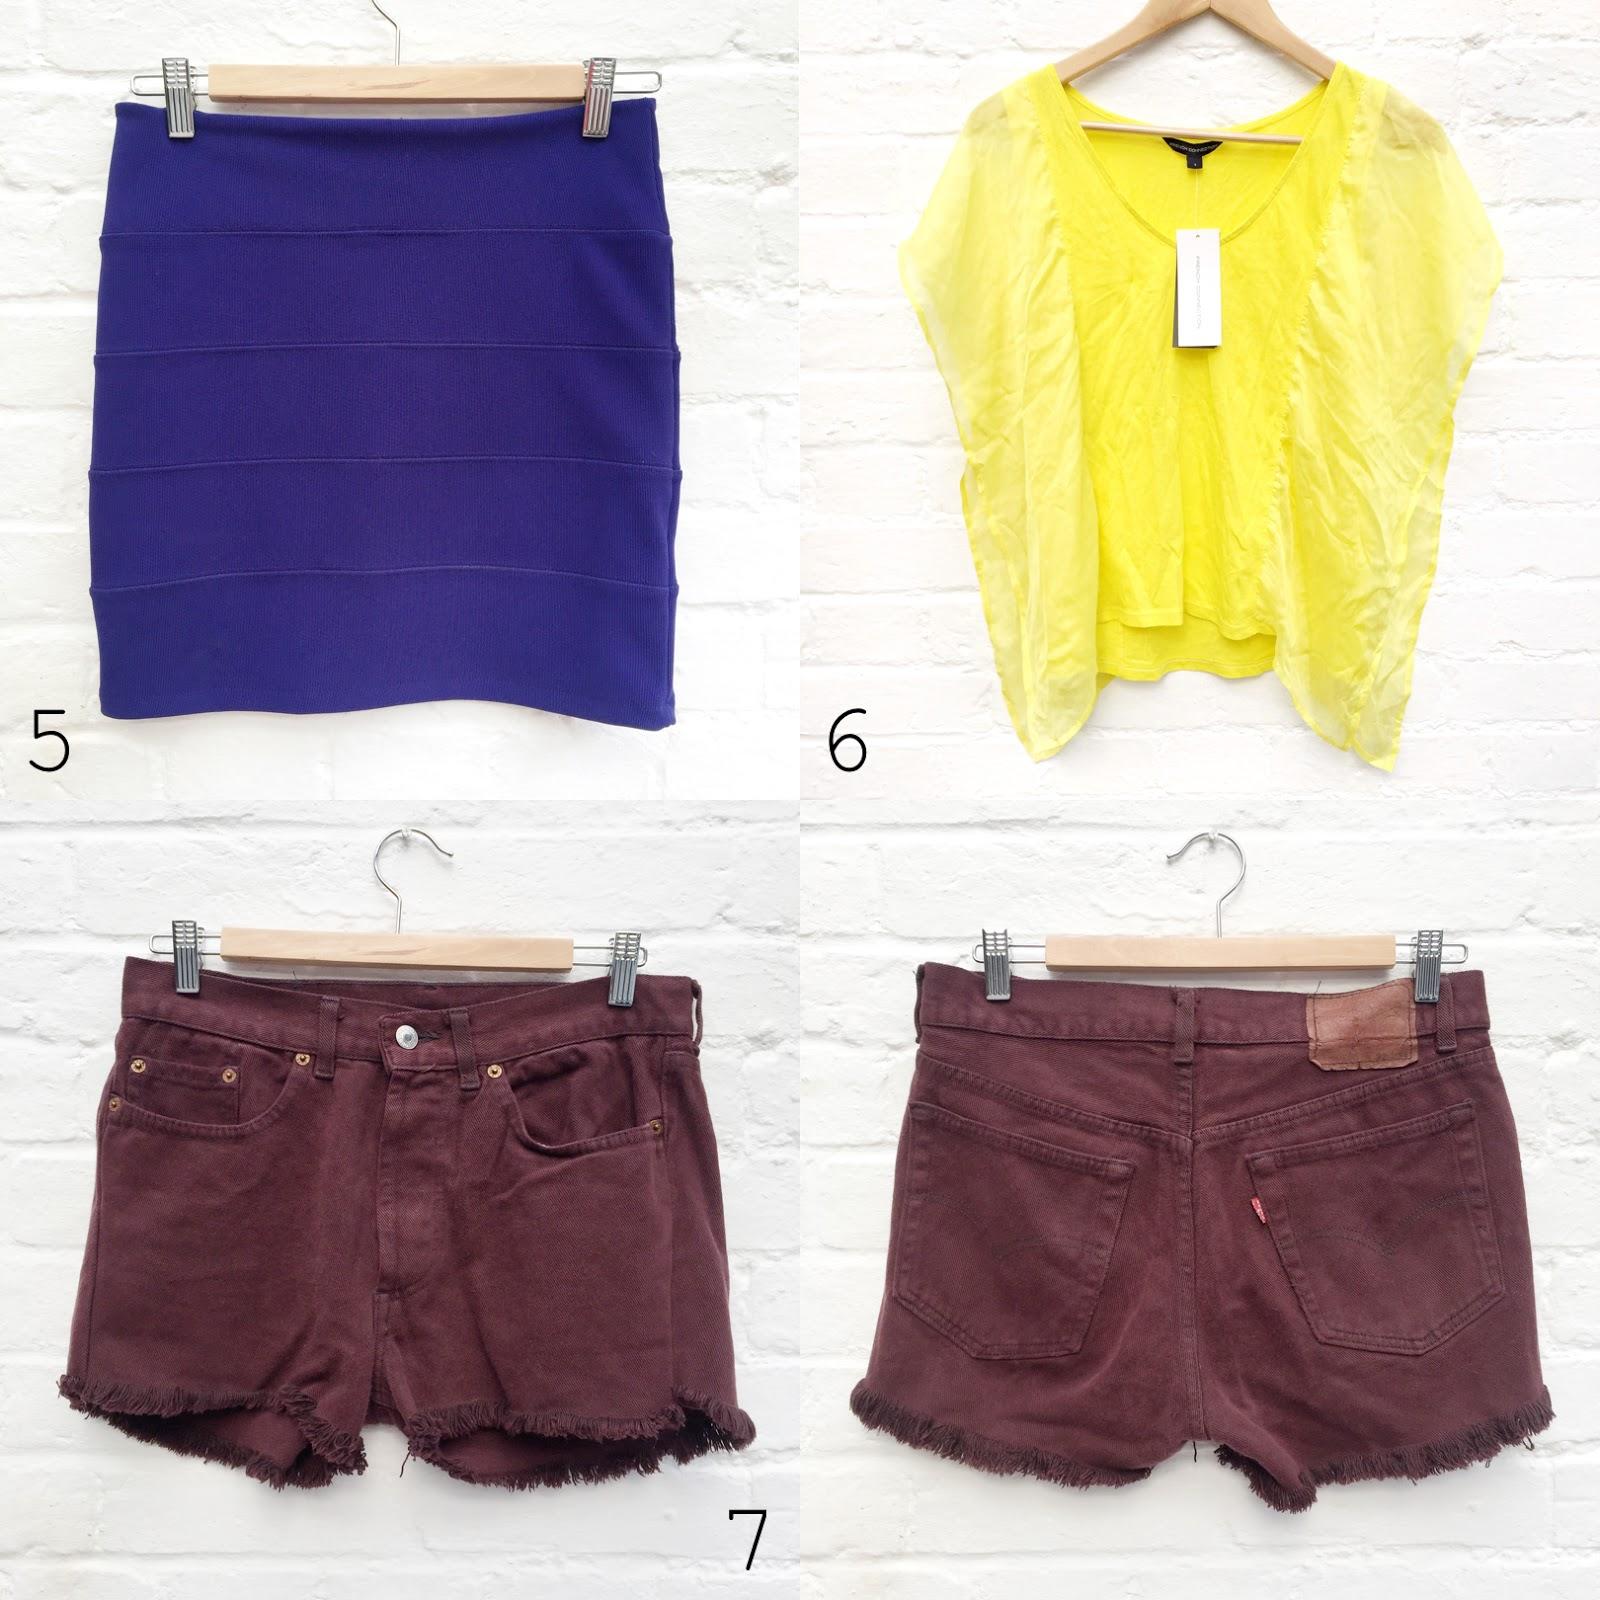 yellow dress size 5 38